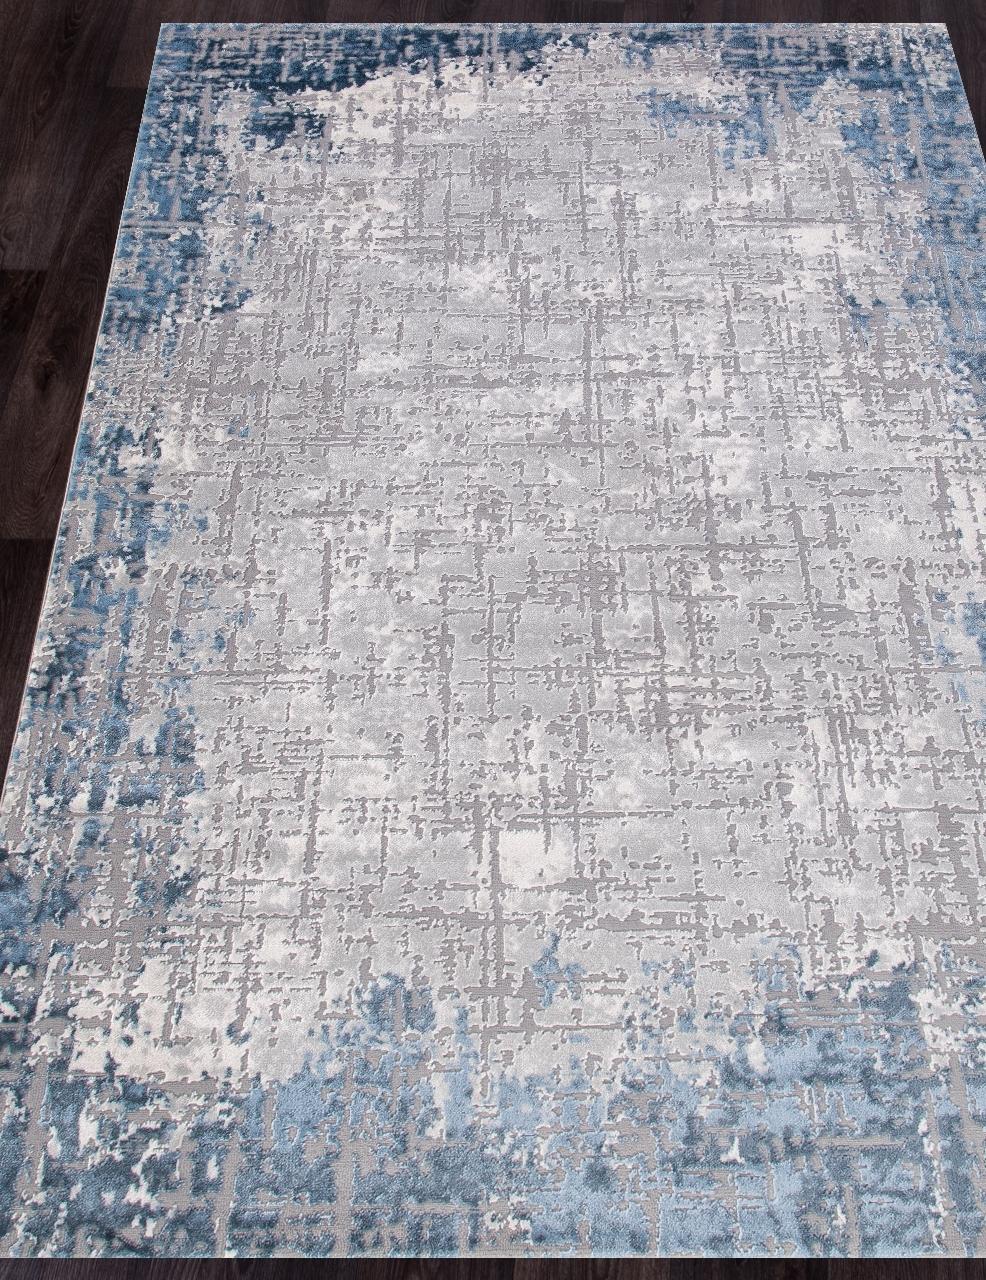 Ковер 03858A - BLUE / BLUE - Прямоугольник - коллекция ARMINA - фото 1